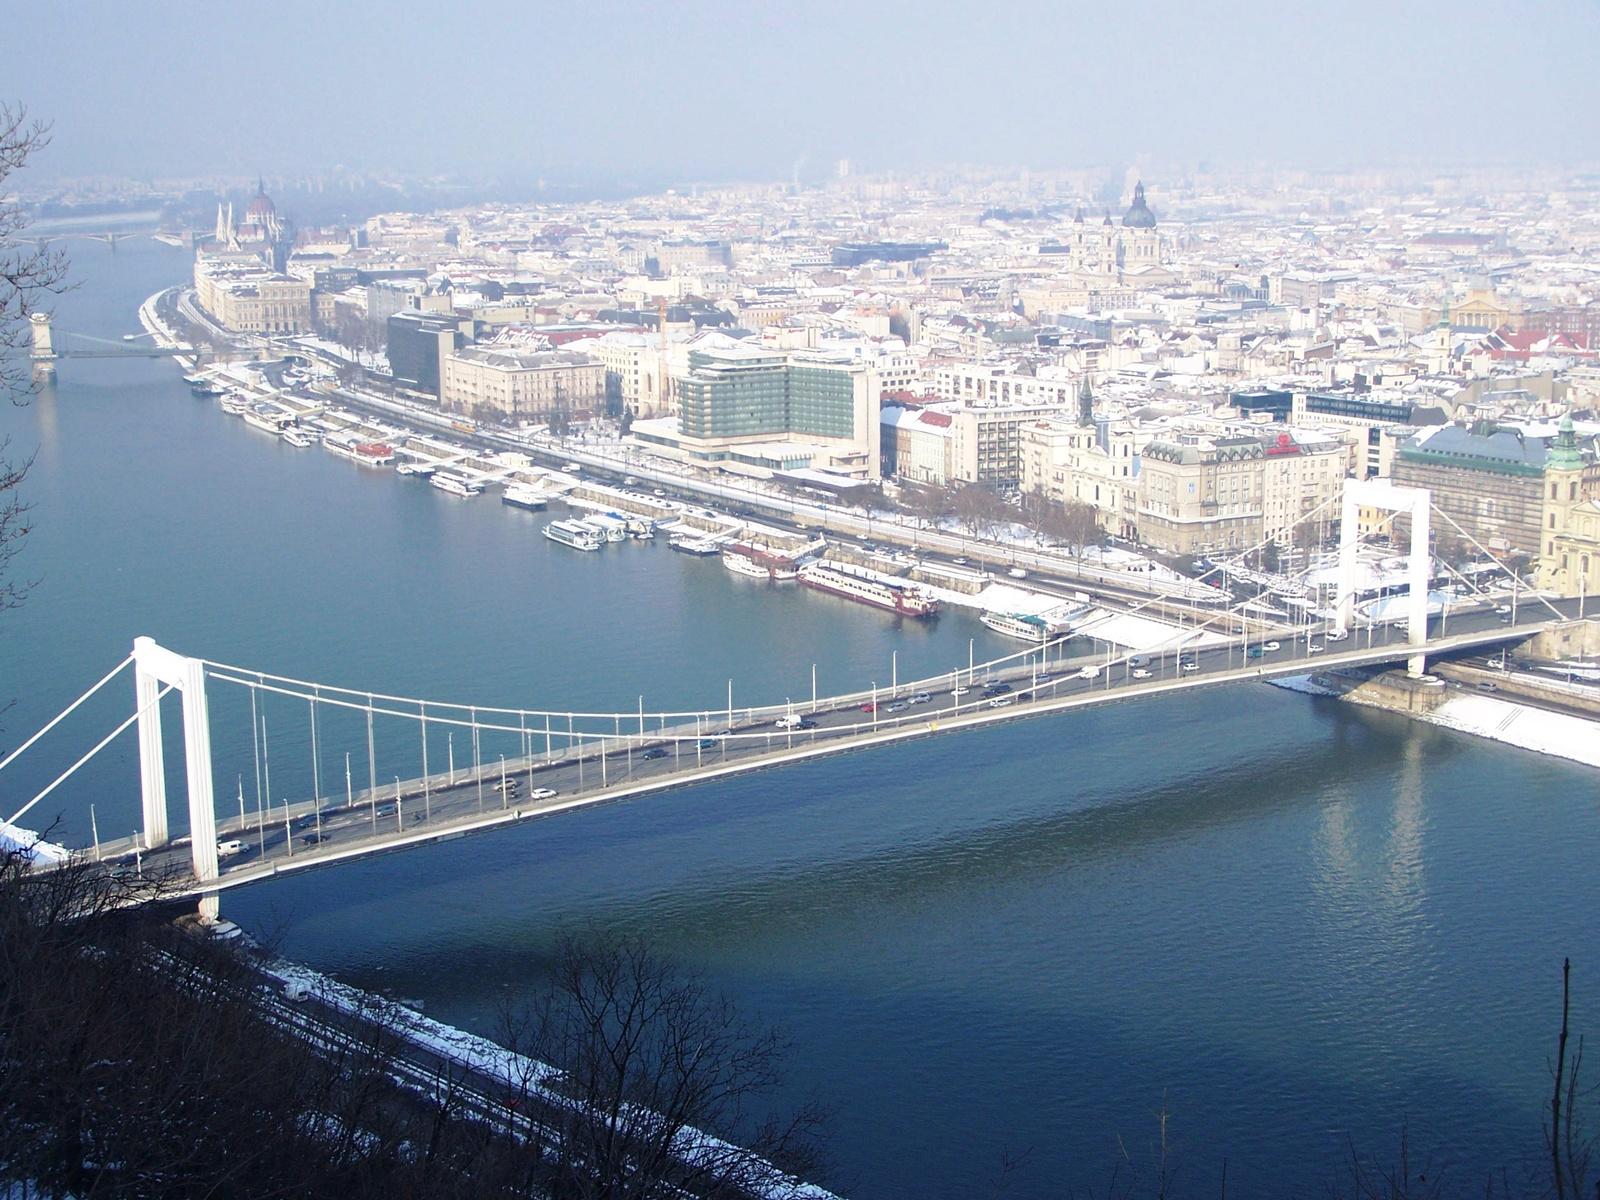 Erzsébet híd télen